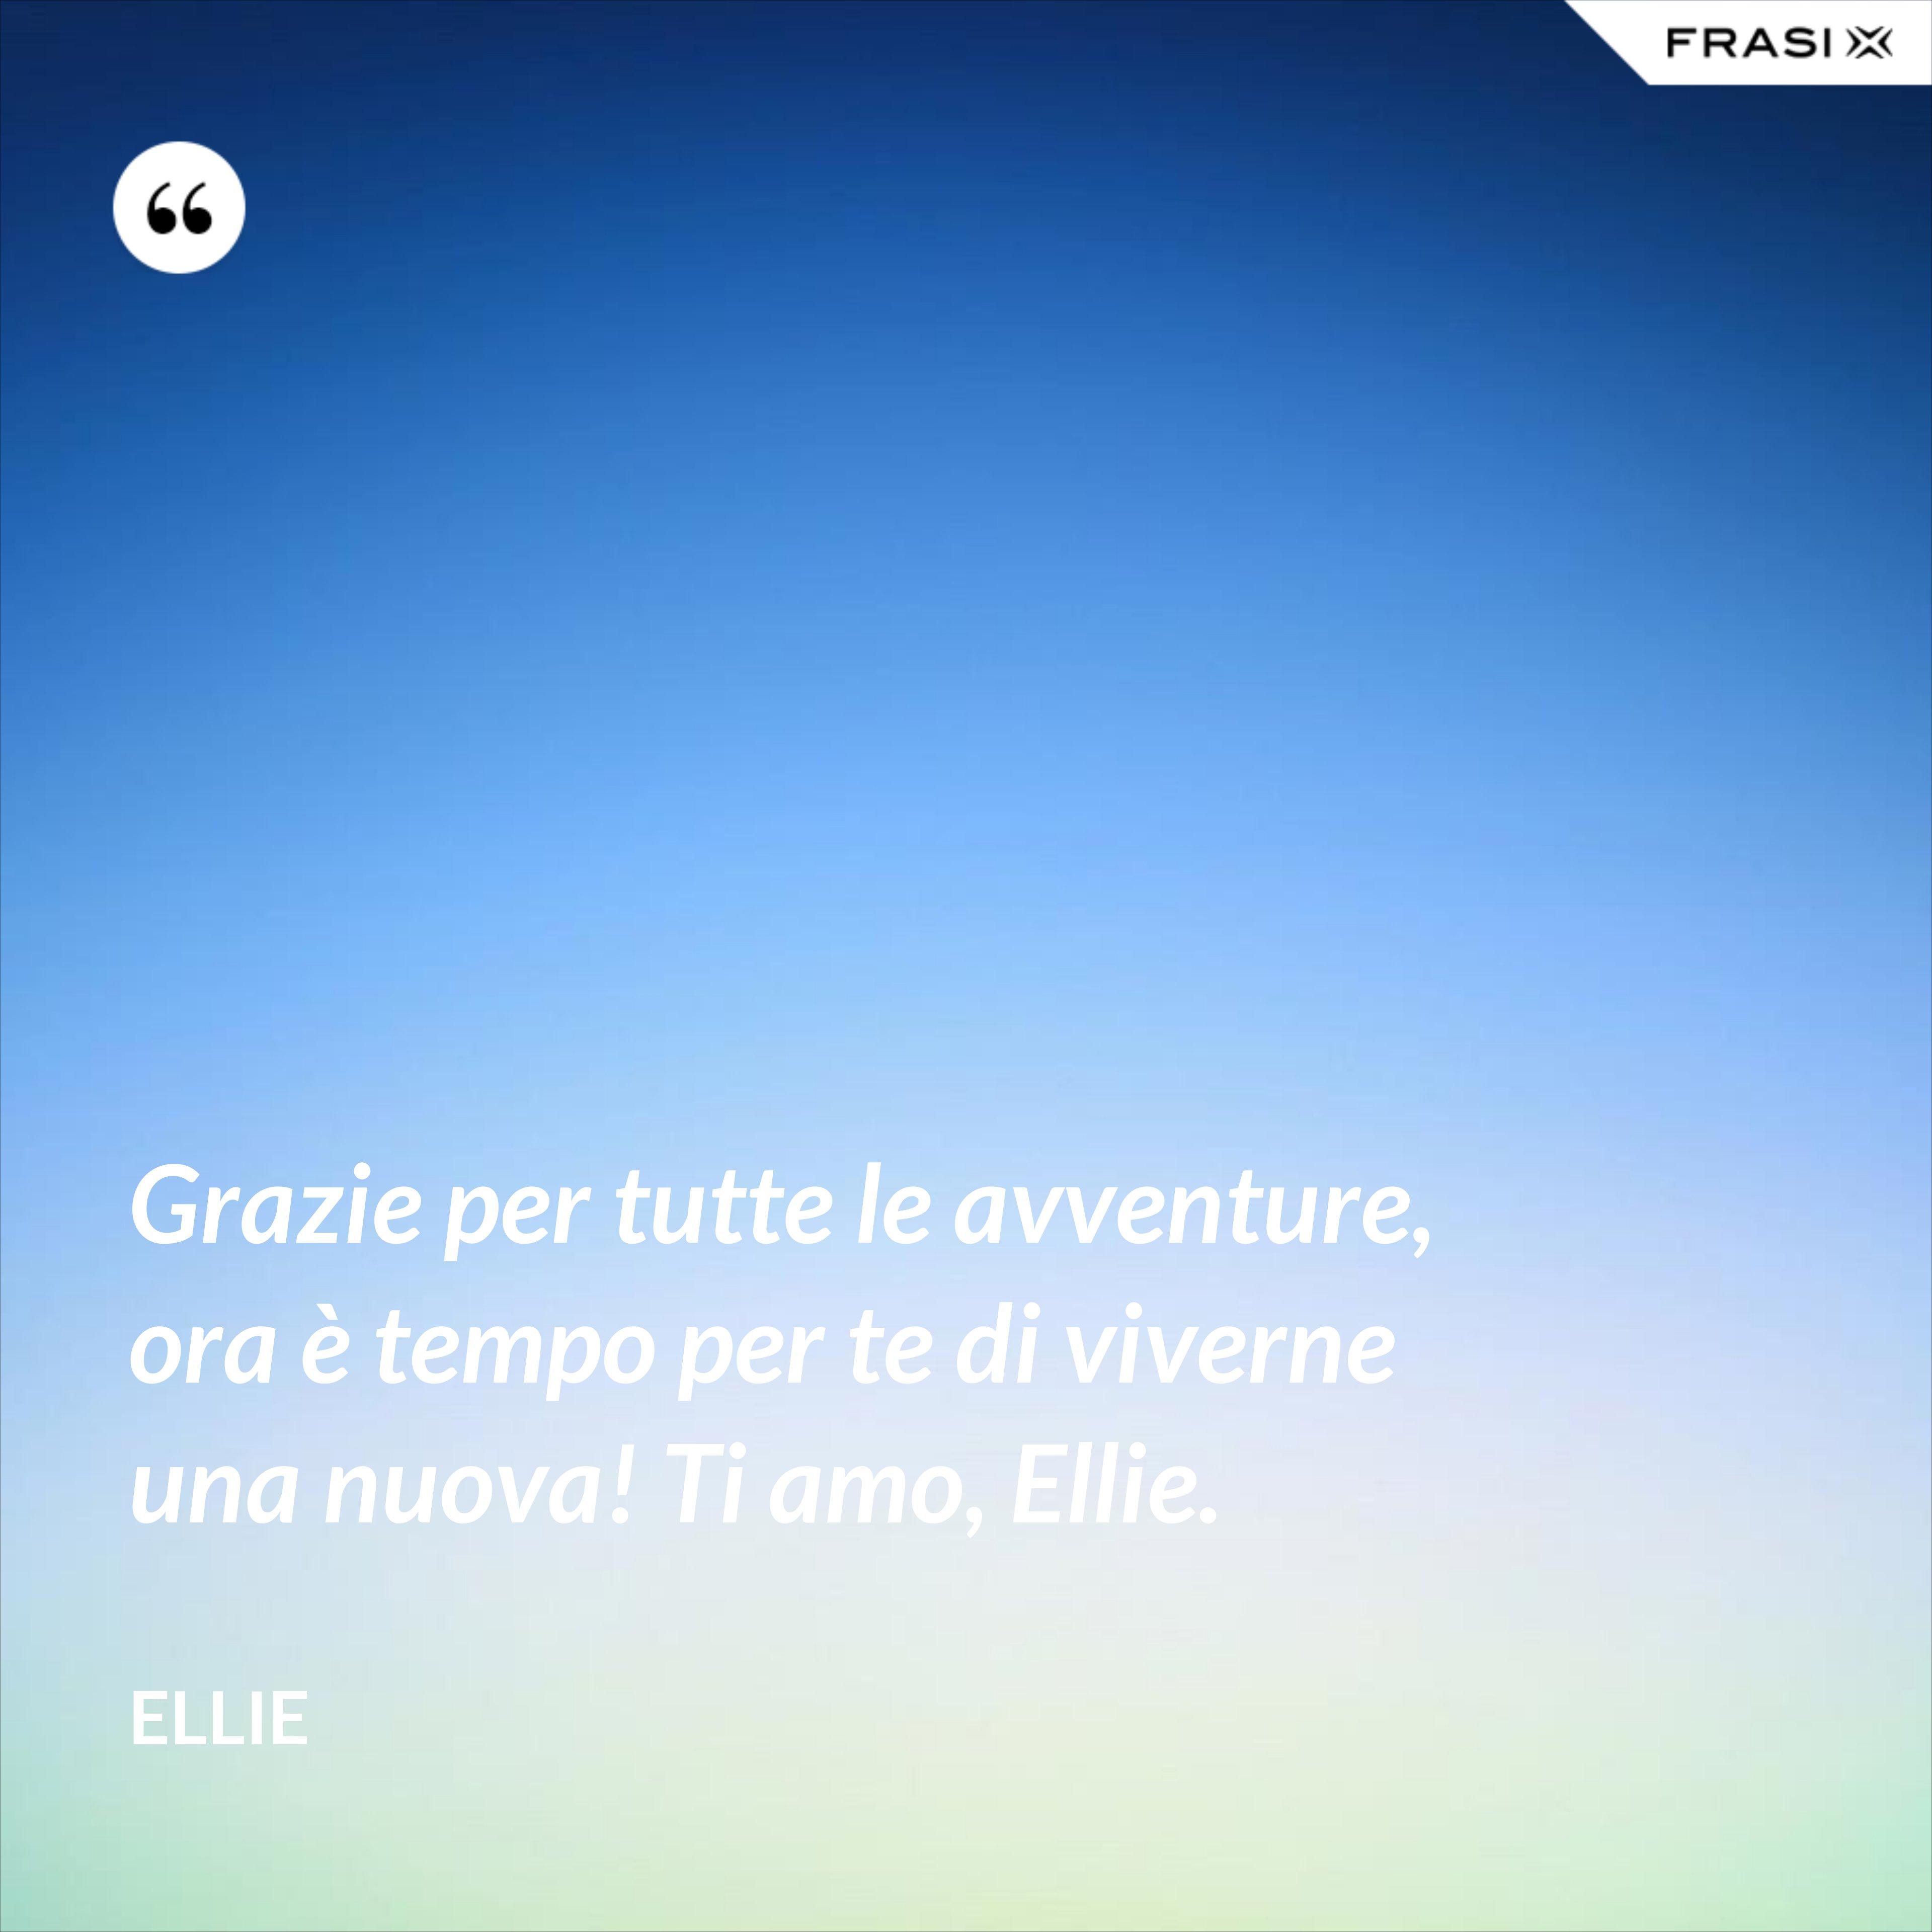 Grazie per tutte le avventure, ora è tempo per te di viverne una nuova! Ti amo, Ellie. - Ellie